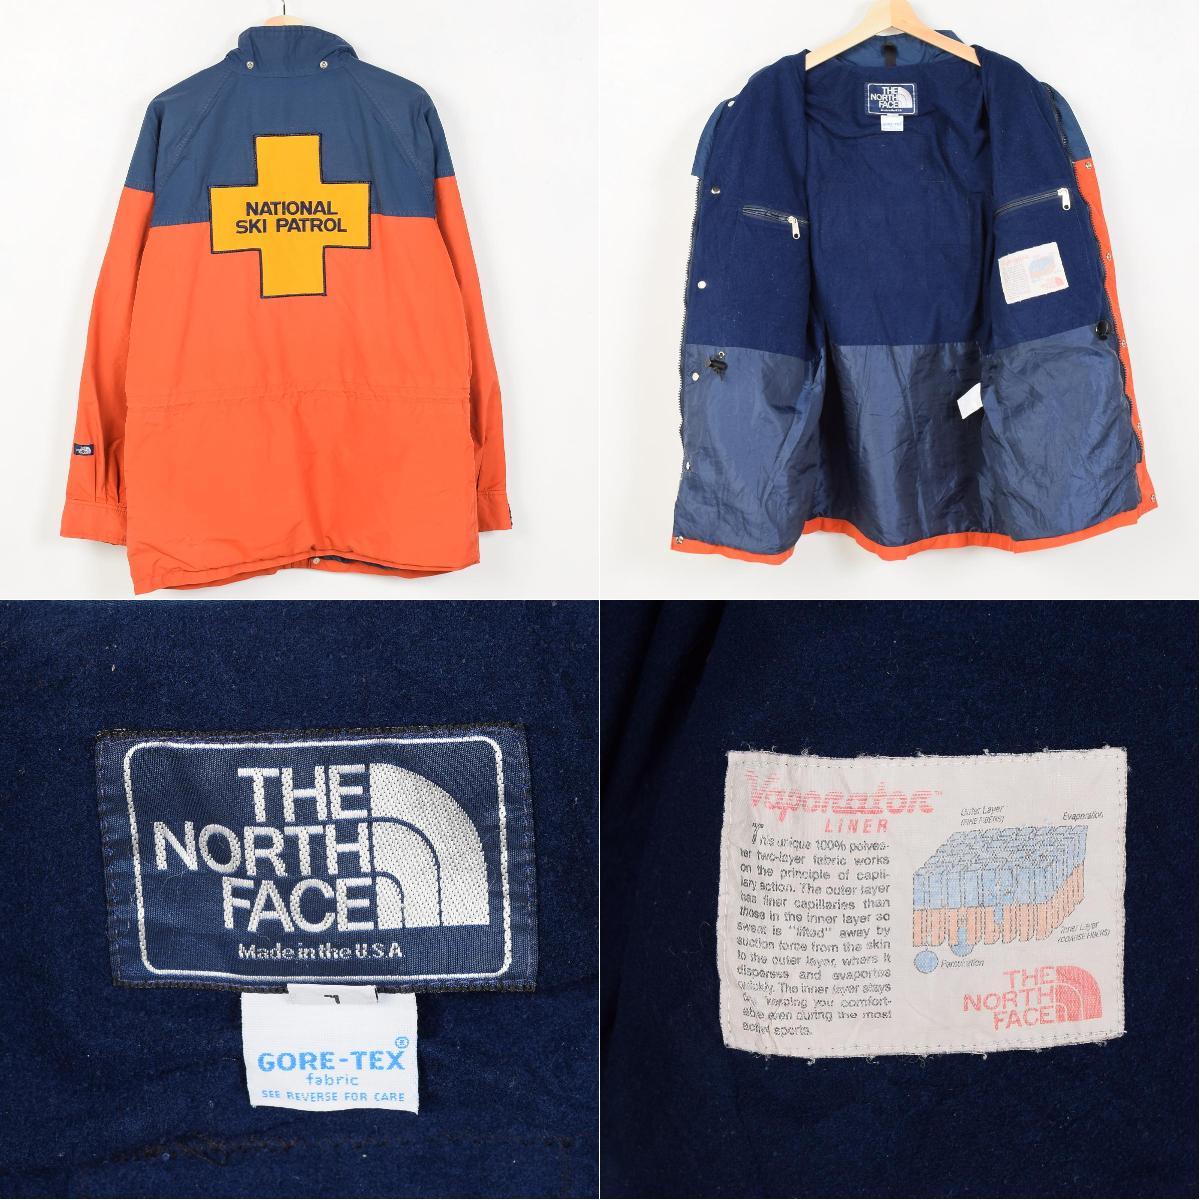 80 北脸海军蓝色标记美国作出戈尔特斯戈尔特斯山大衣 L L 男装老式北脸 /wet2833 160819